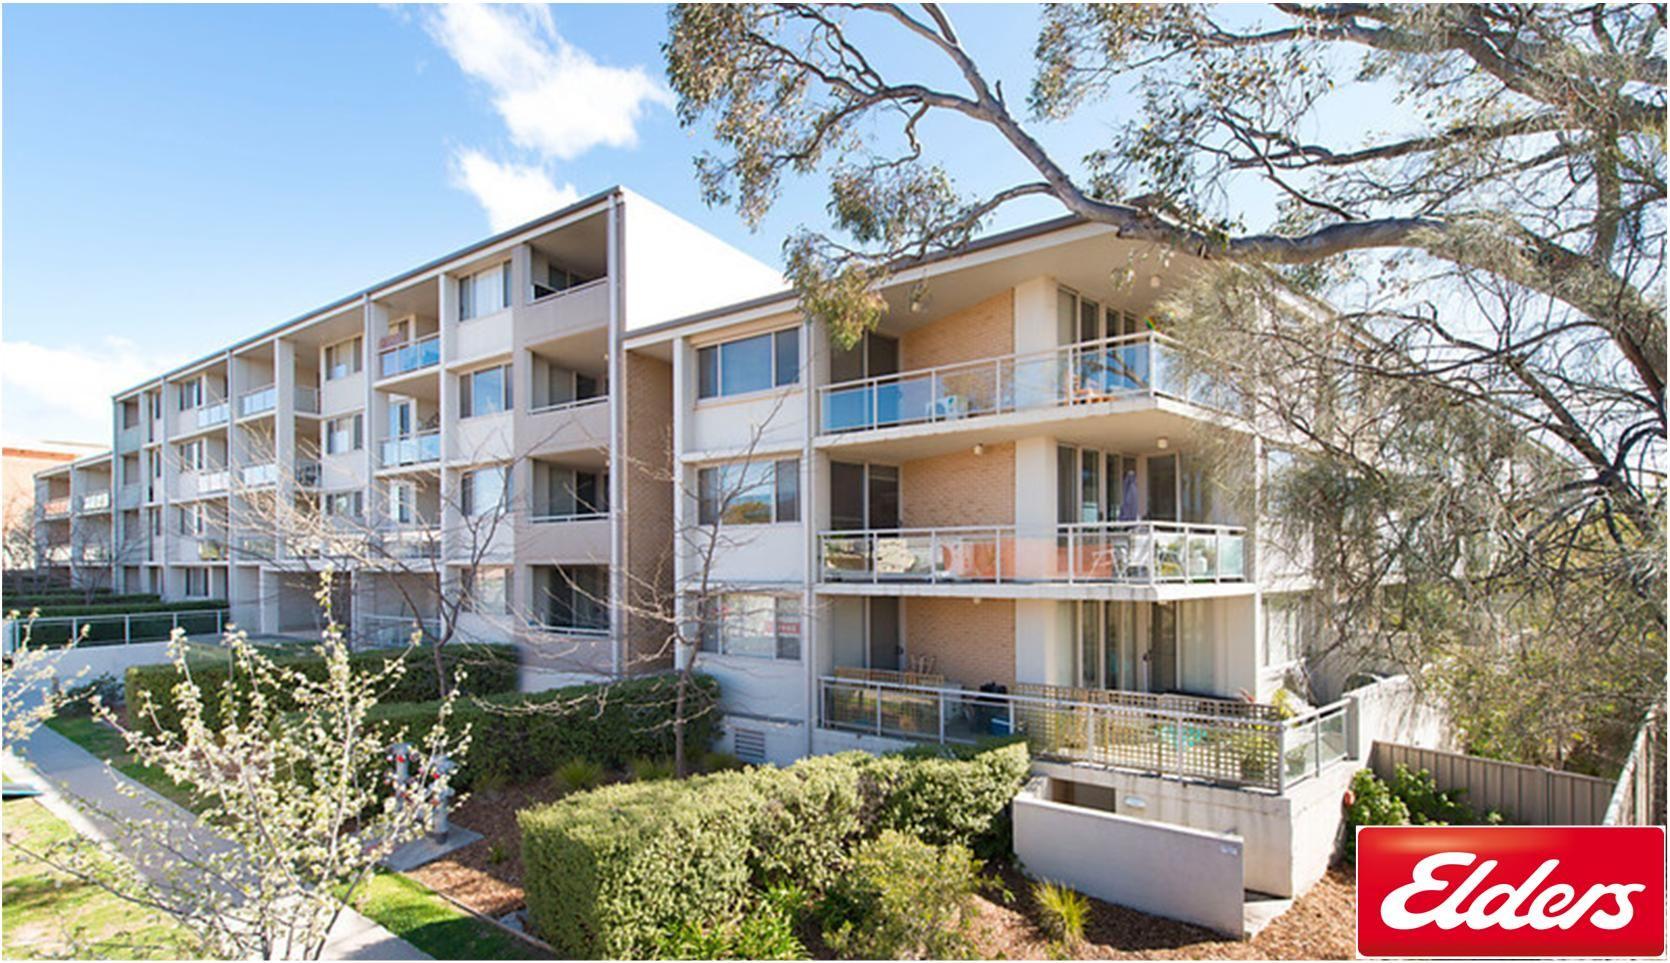 58/39 Crawford Street, Queanbeyan NSW 2620, Image 0